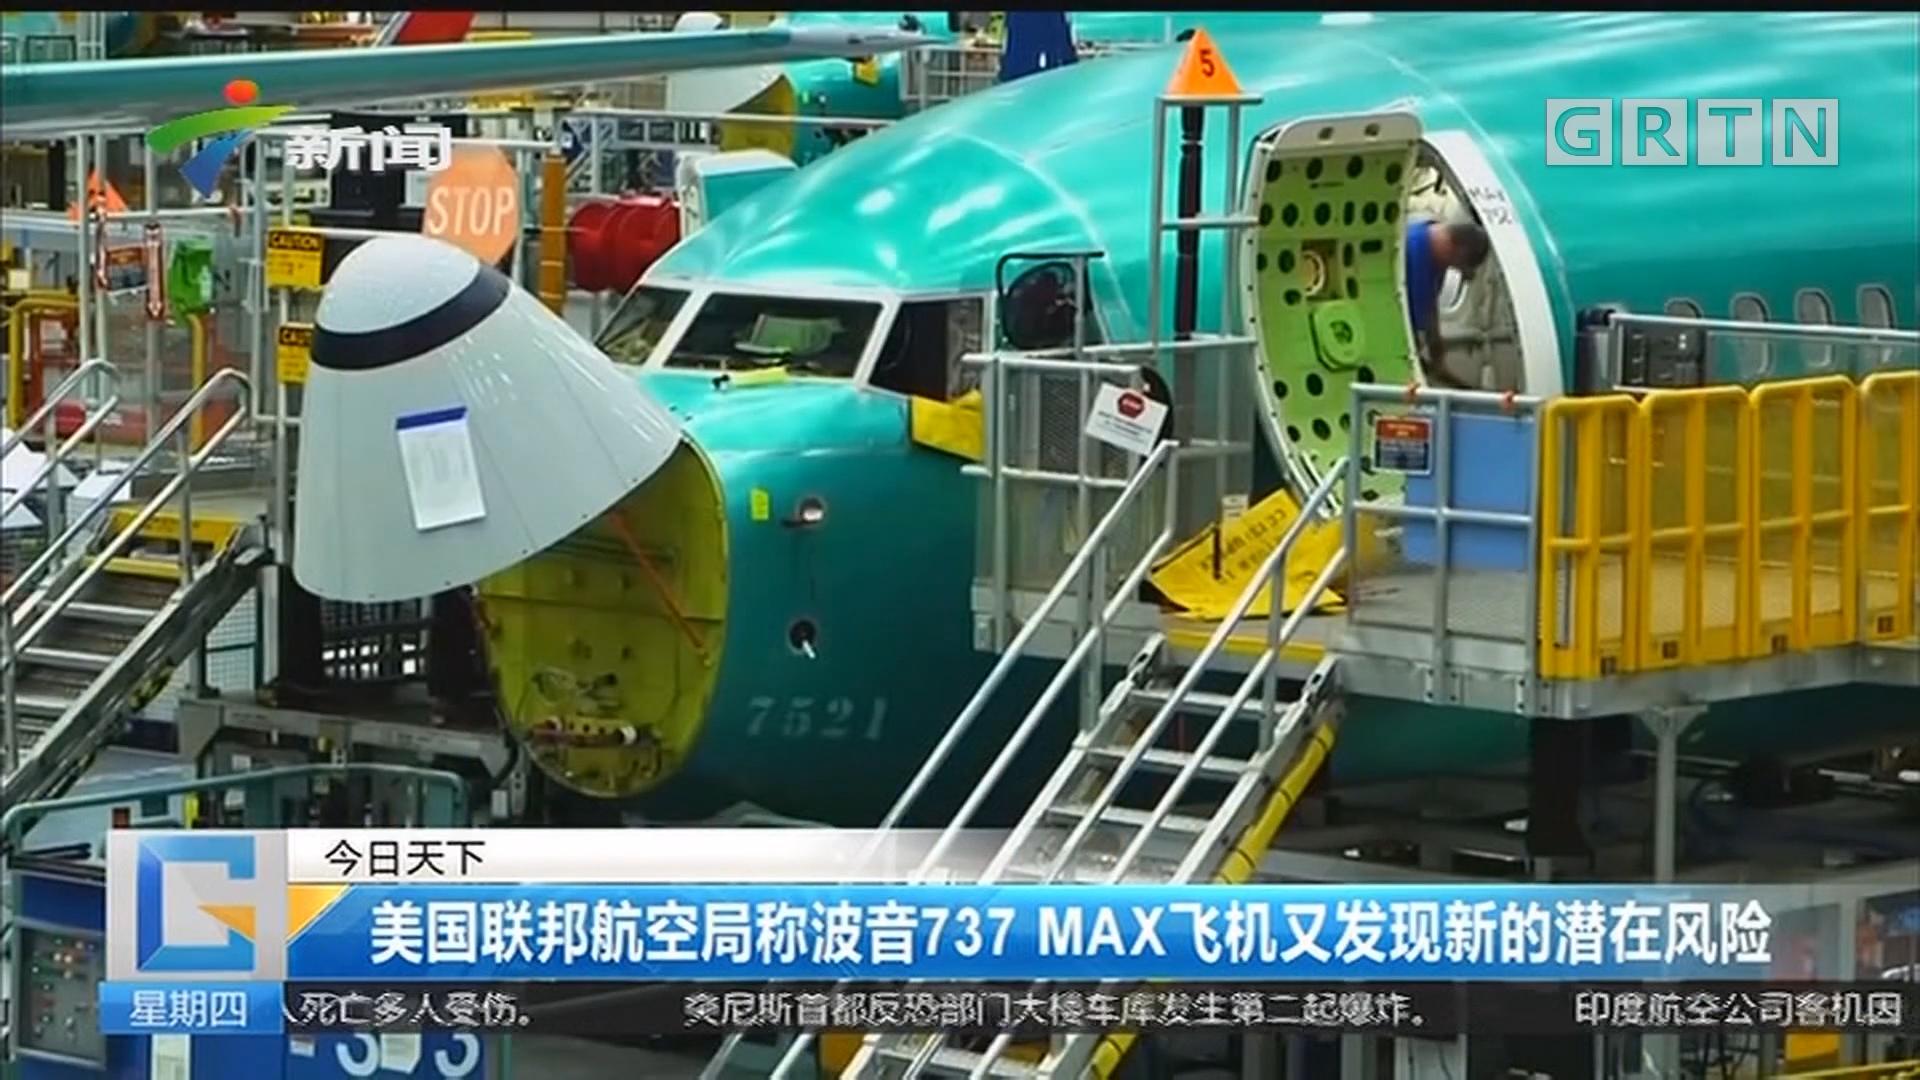 美国联邦航空局称波音737 MAX飞机又发现新的潜在风险